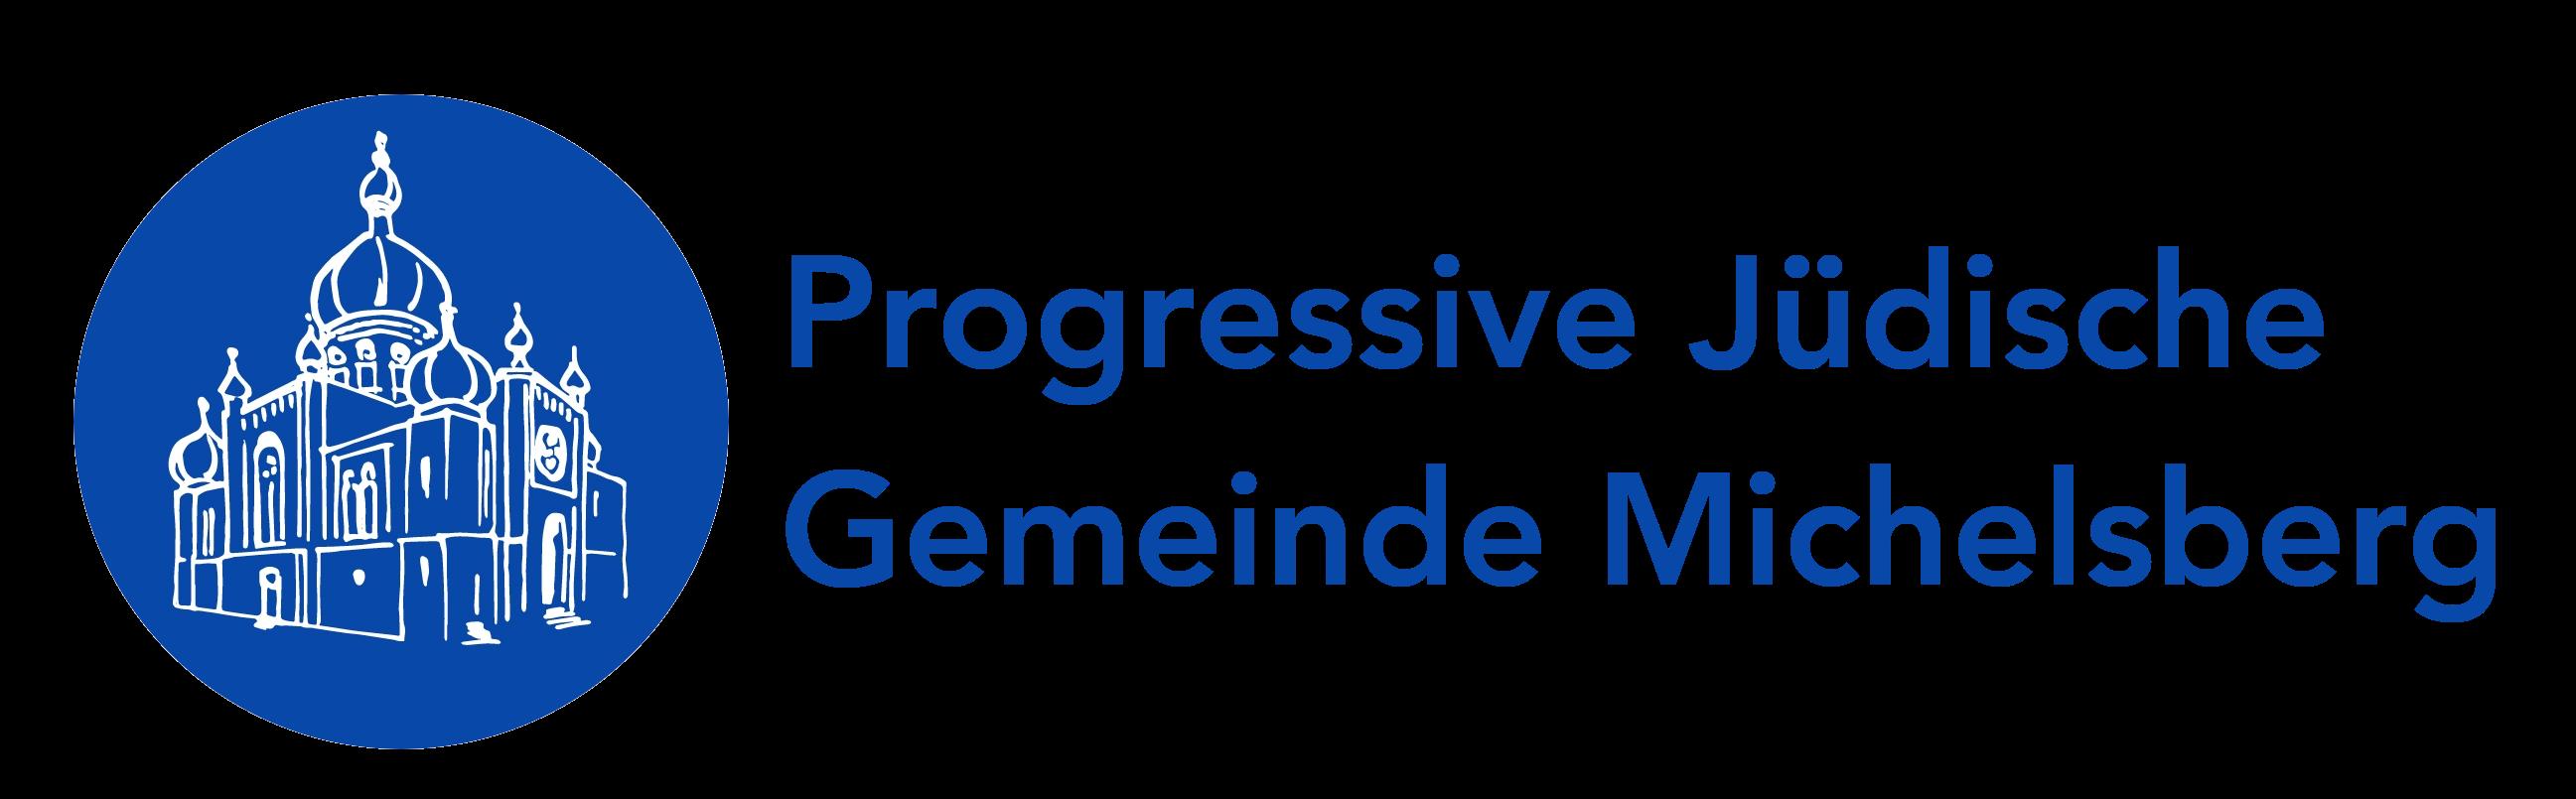 Progressive Jüdische Gemeinde Michelsberg e.V. in Wiesbaden